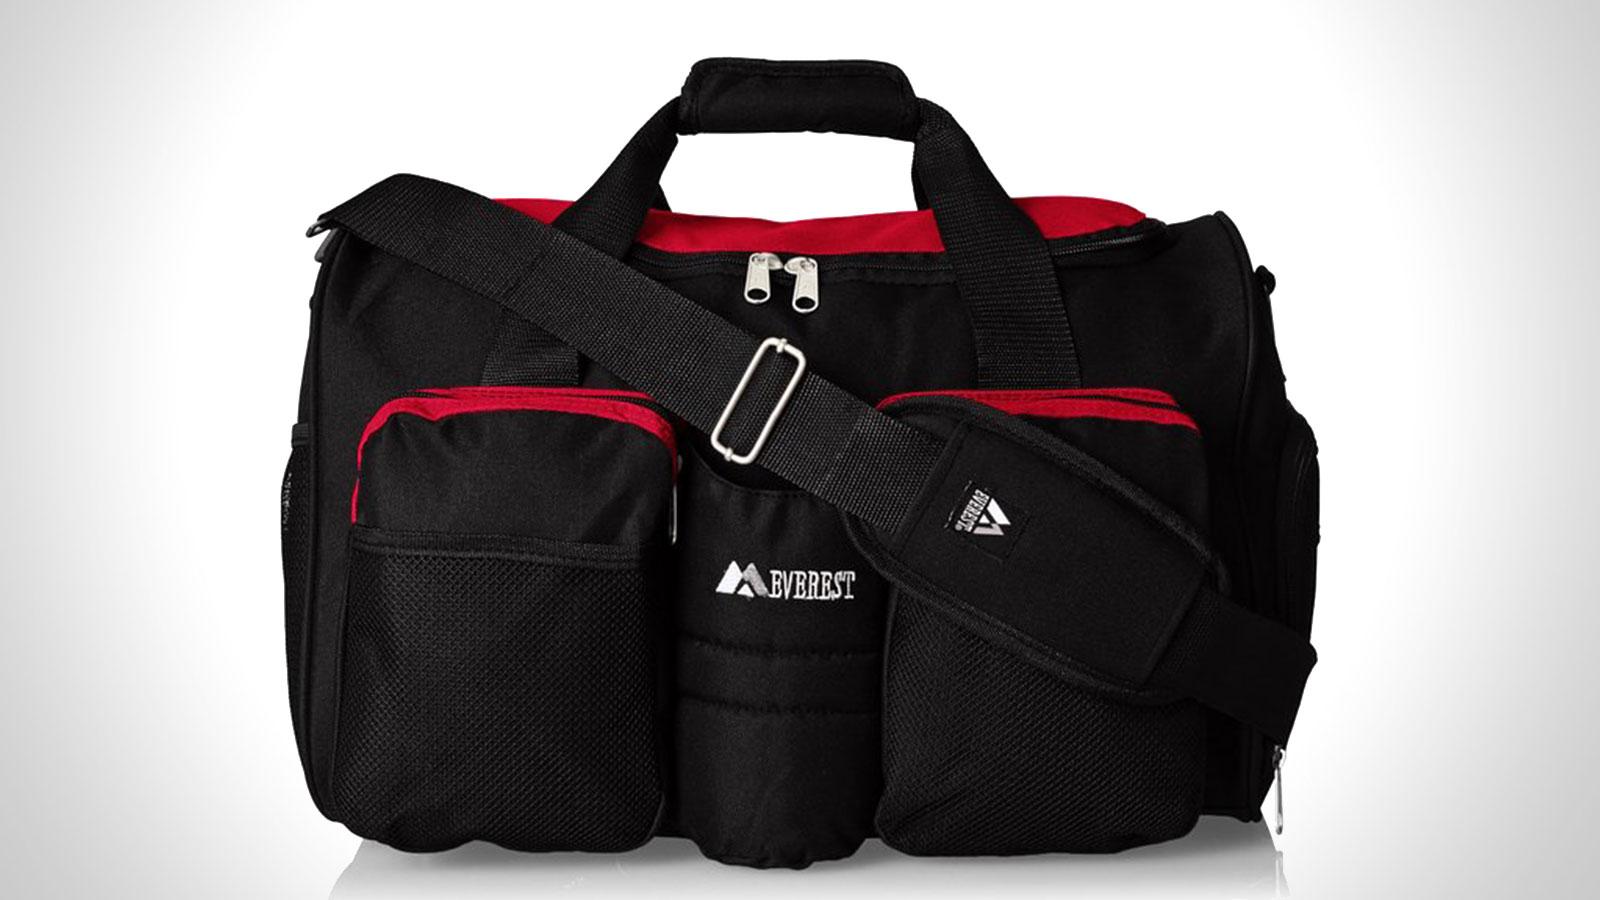 Everest Gym Bag with Wet Pocket | best mens gym duffle bag